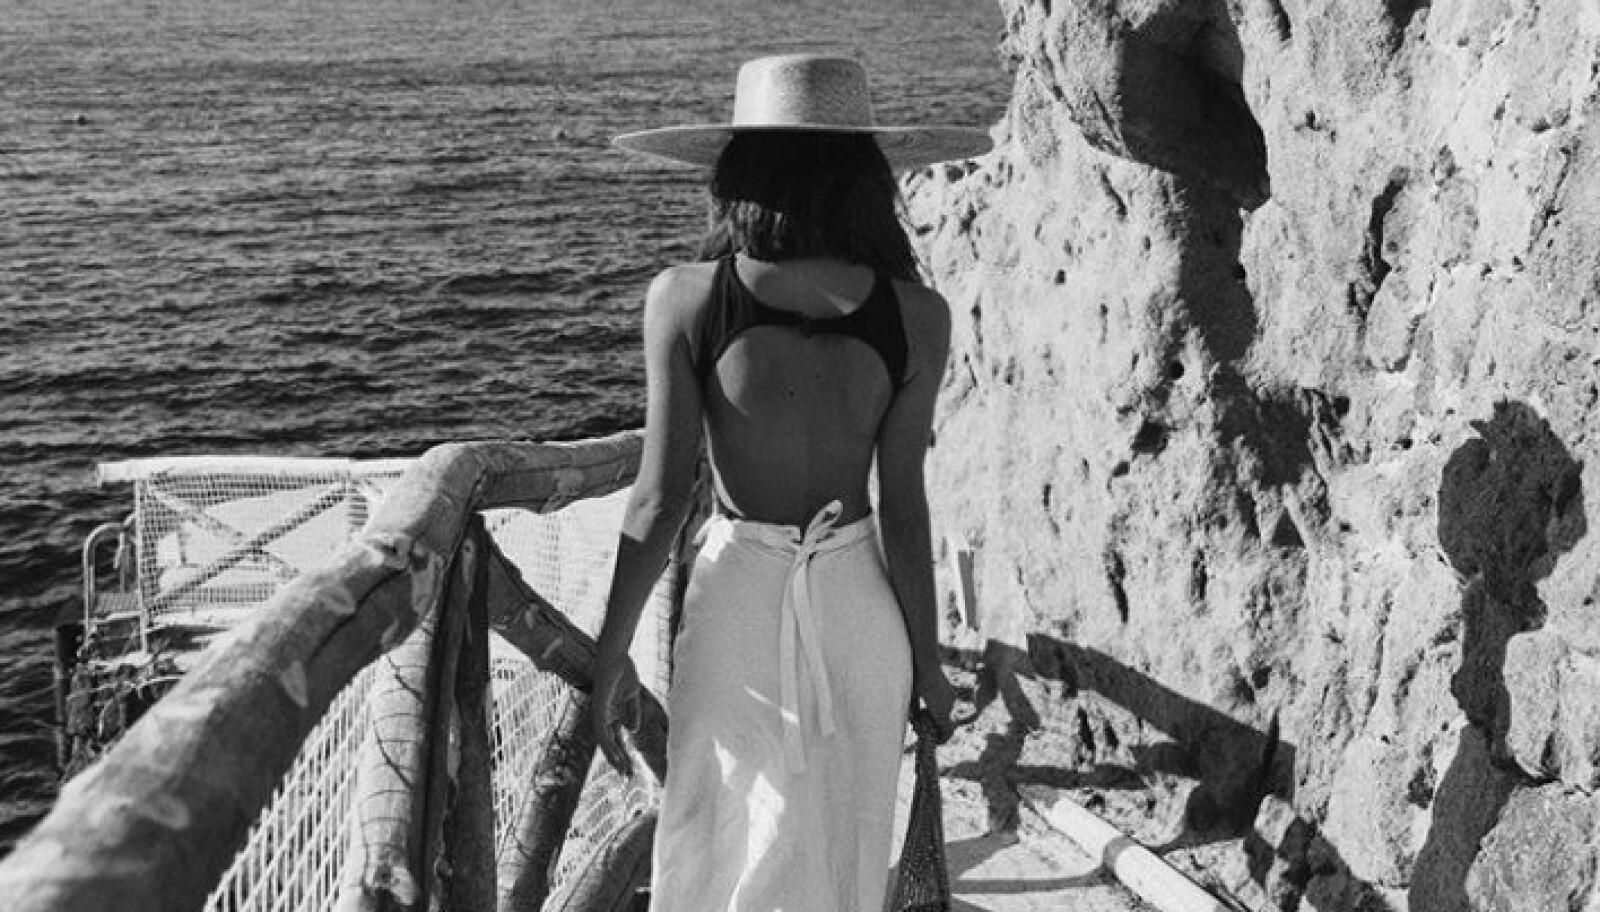 <strong>KLAR FOR STRANDA:</strong> Et skjørt sammen med en badedrakt er så fint! Topp det hele med en lekker solhatt og du er klar. Foto: Instagram: deborarosa